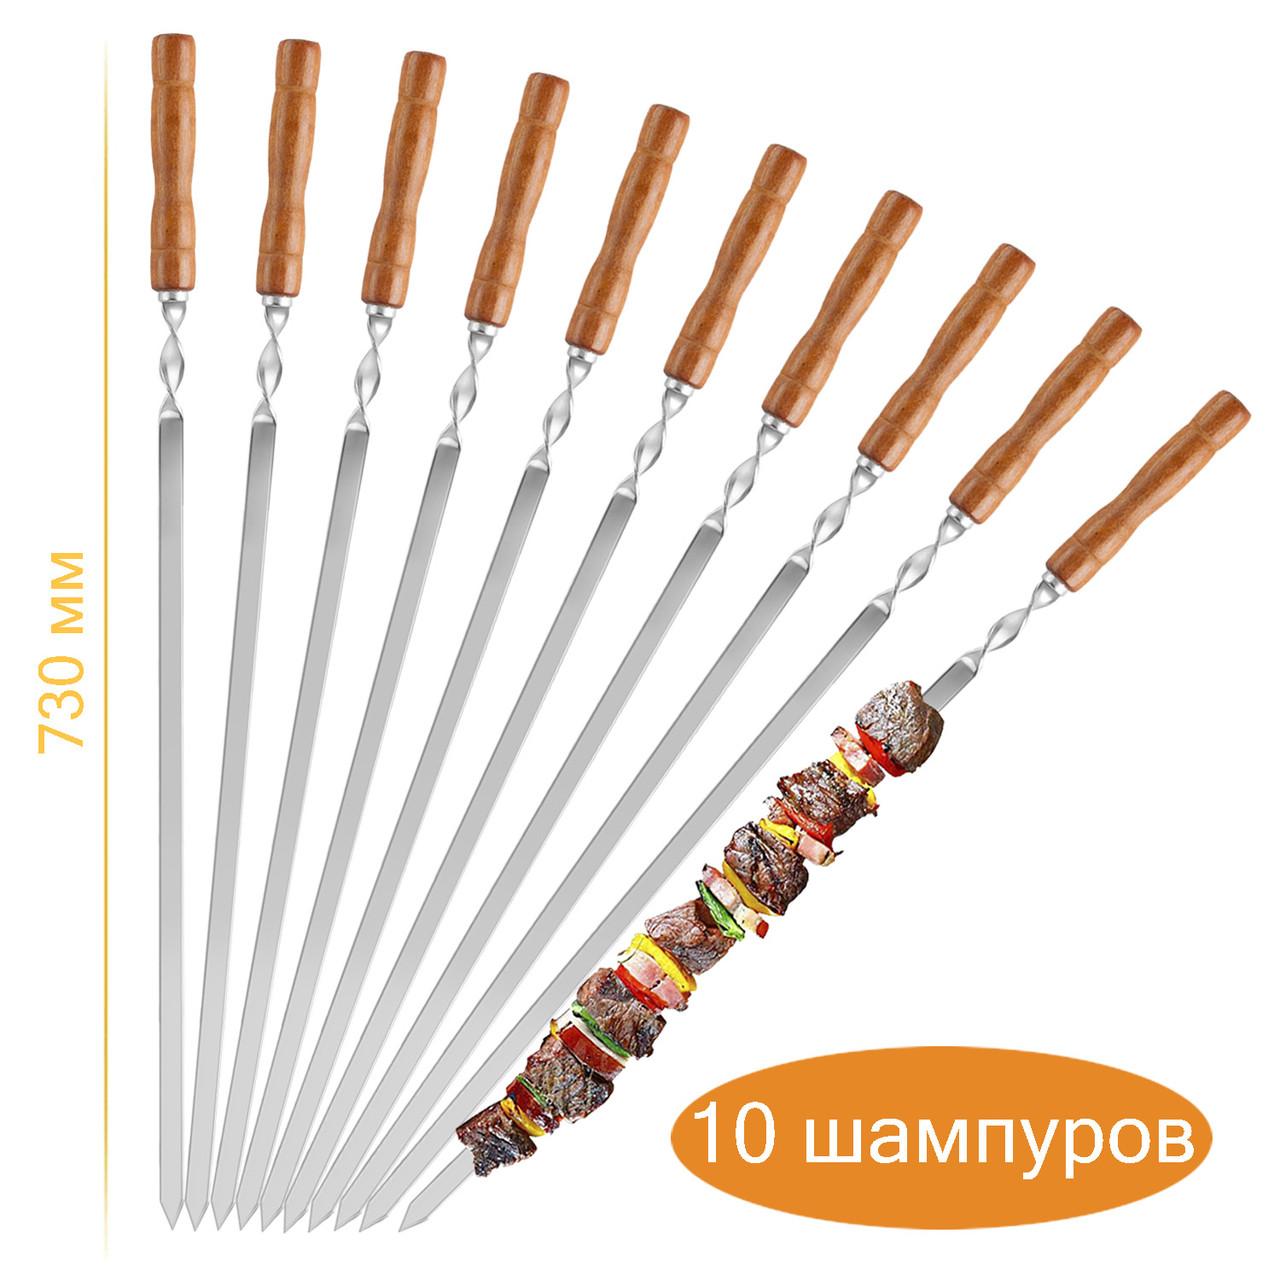 Набор 10 шампуров 730/15/3мм нержавеющая сталь прочные деревянная ручка Ручная работа